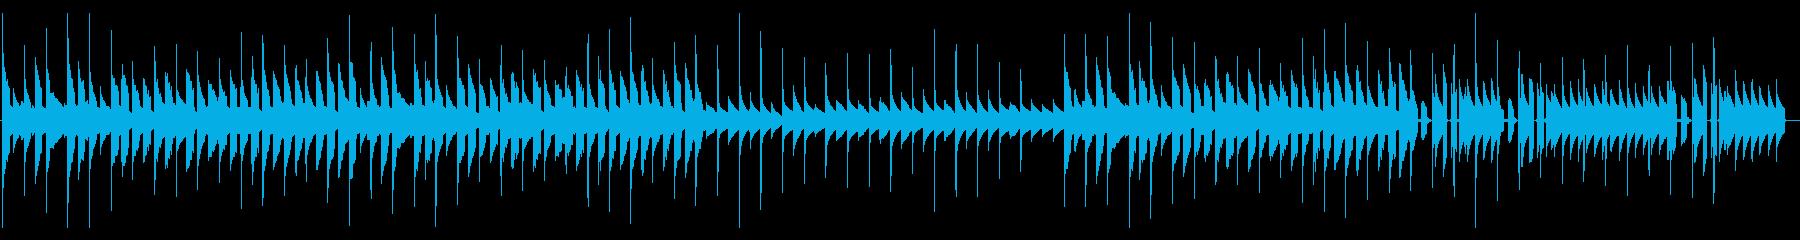 チープ、ミニゲーム、タイトル画面の再生済みの波形